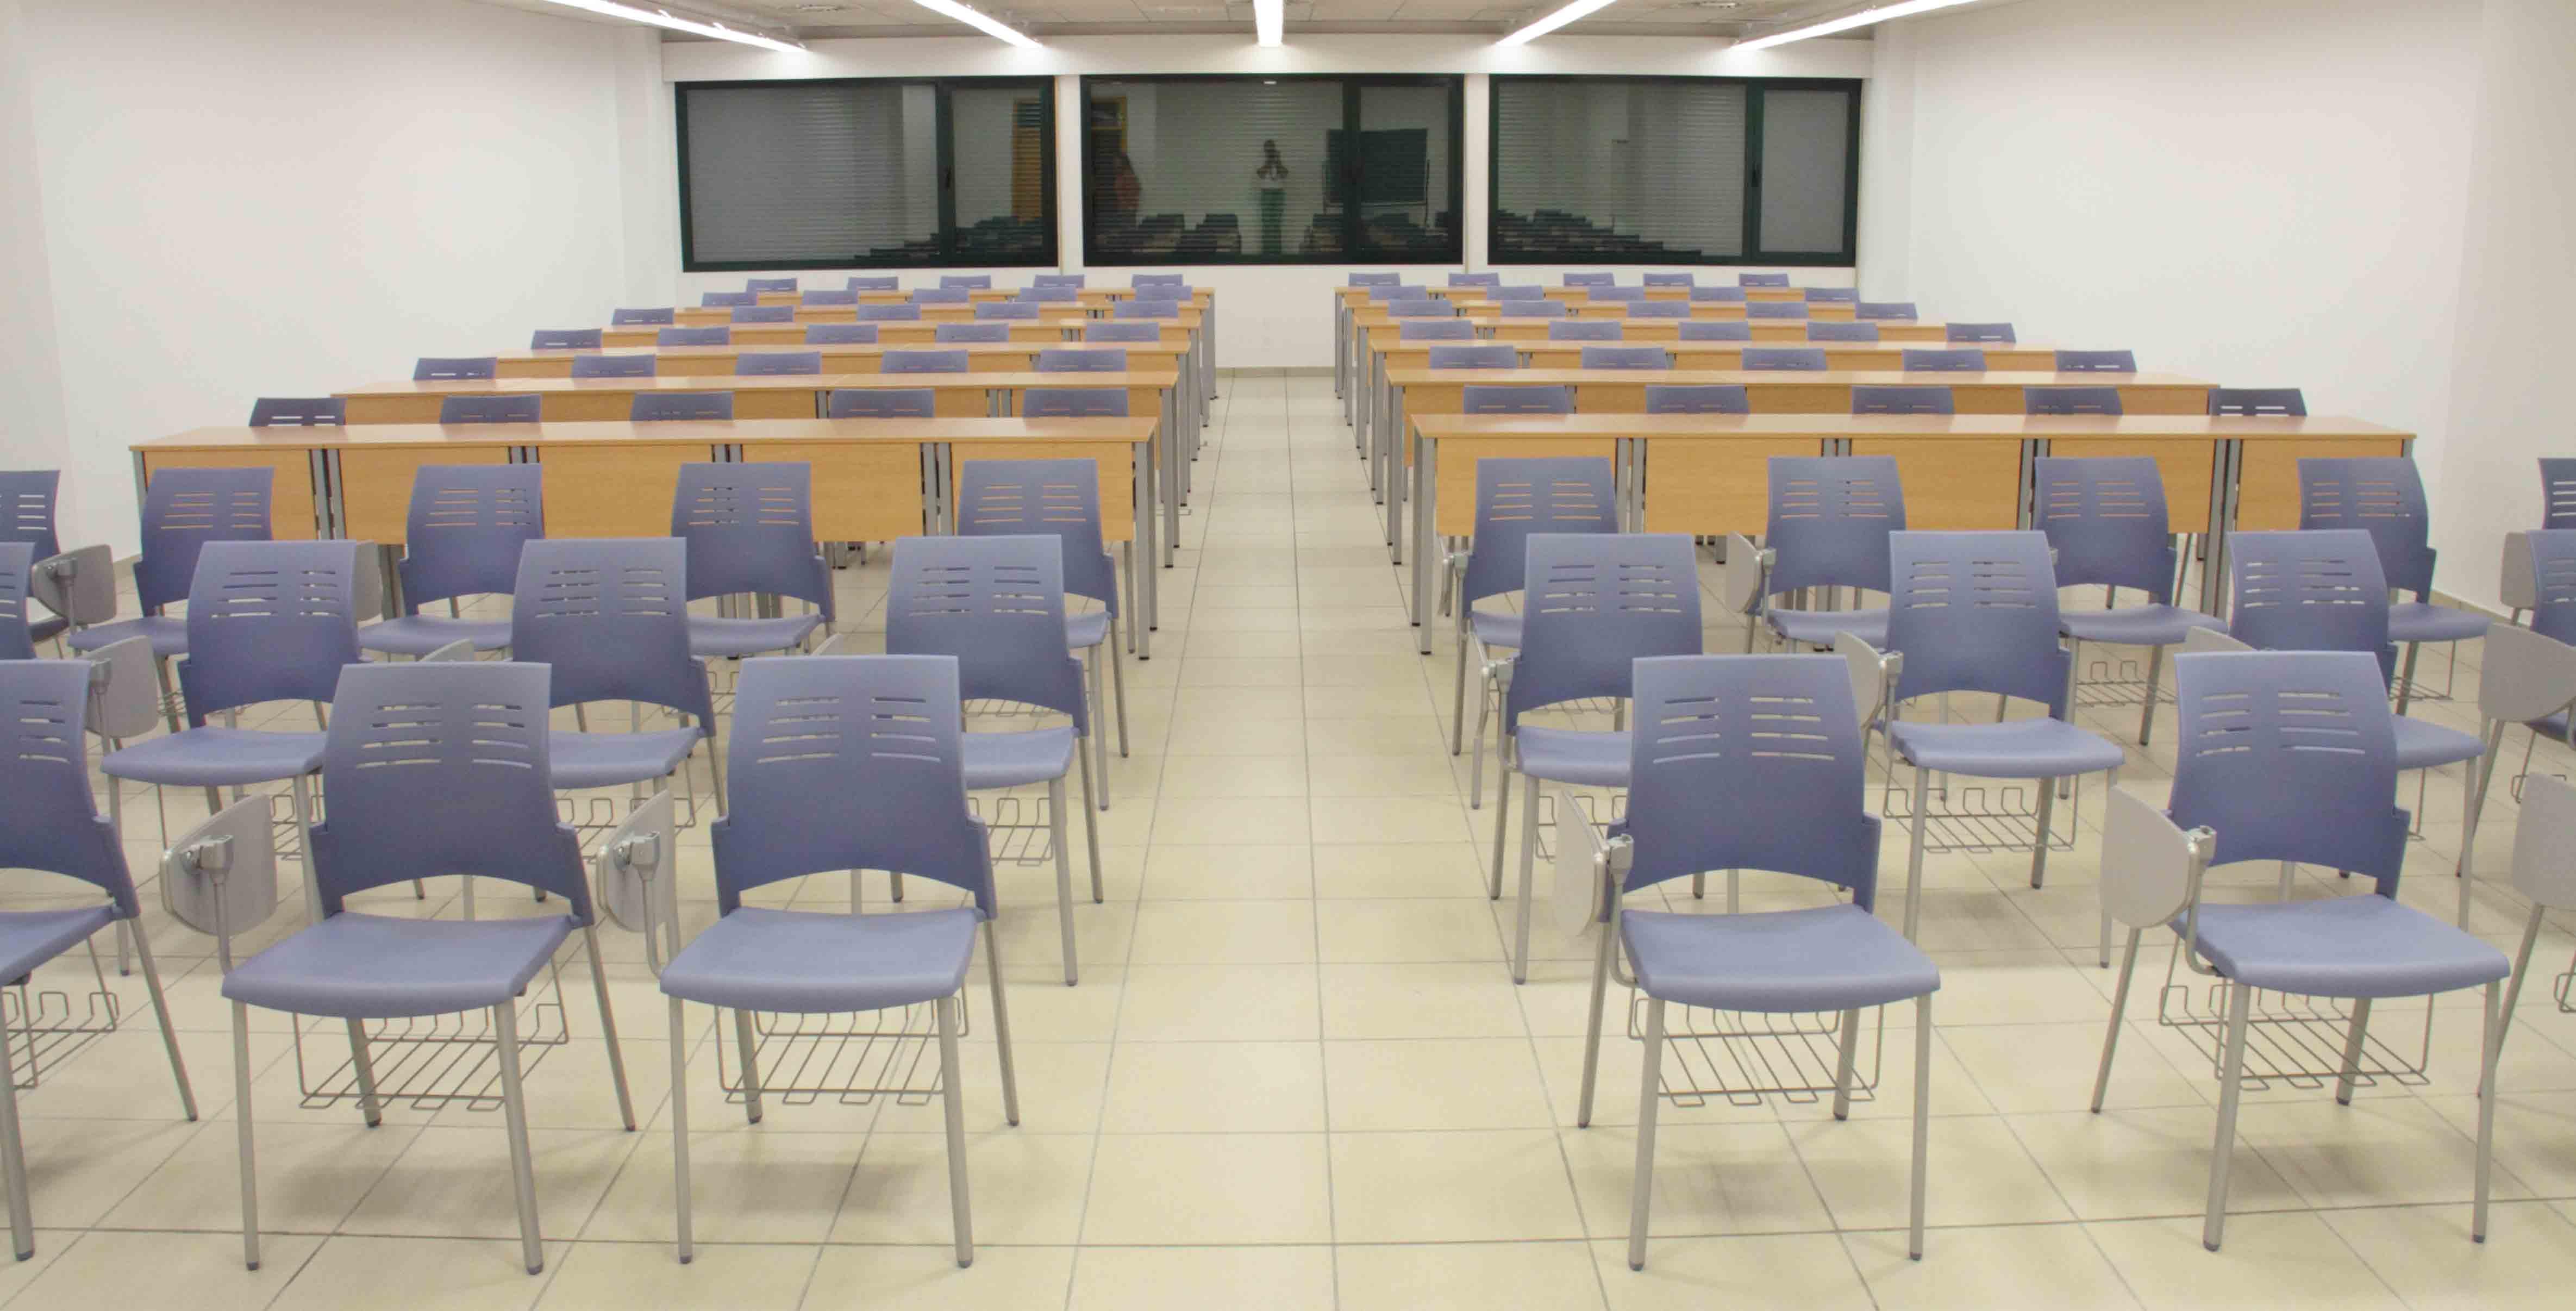 Equipamiento escolar UVA Spacio sillas | Muebles de oficina Spacio